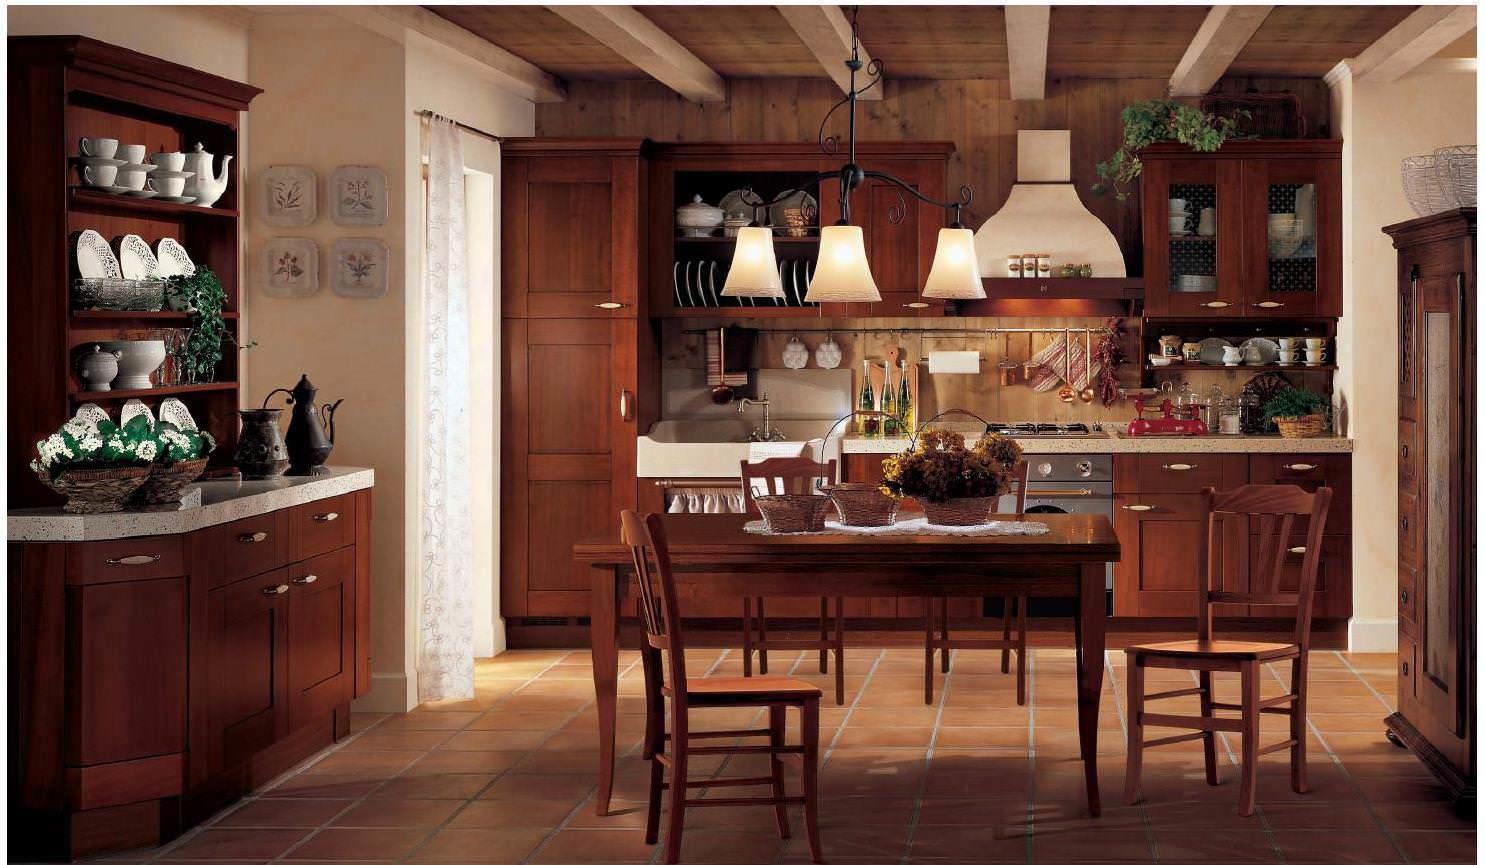 Керамическая плитка на полу и деревянные балки потолка помогут создать необходимую атмосферу